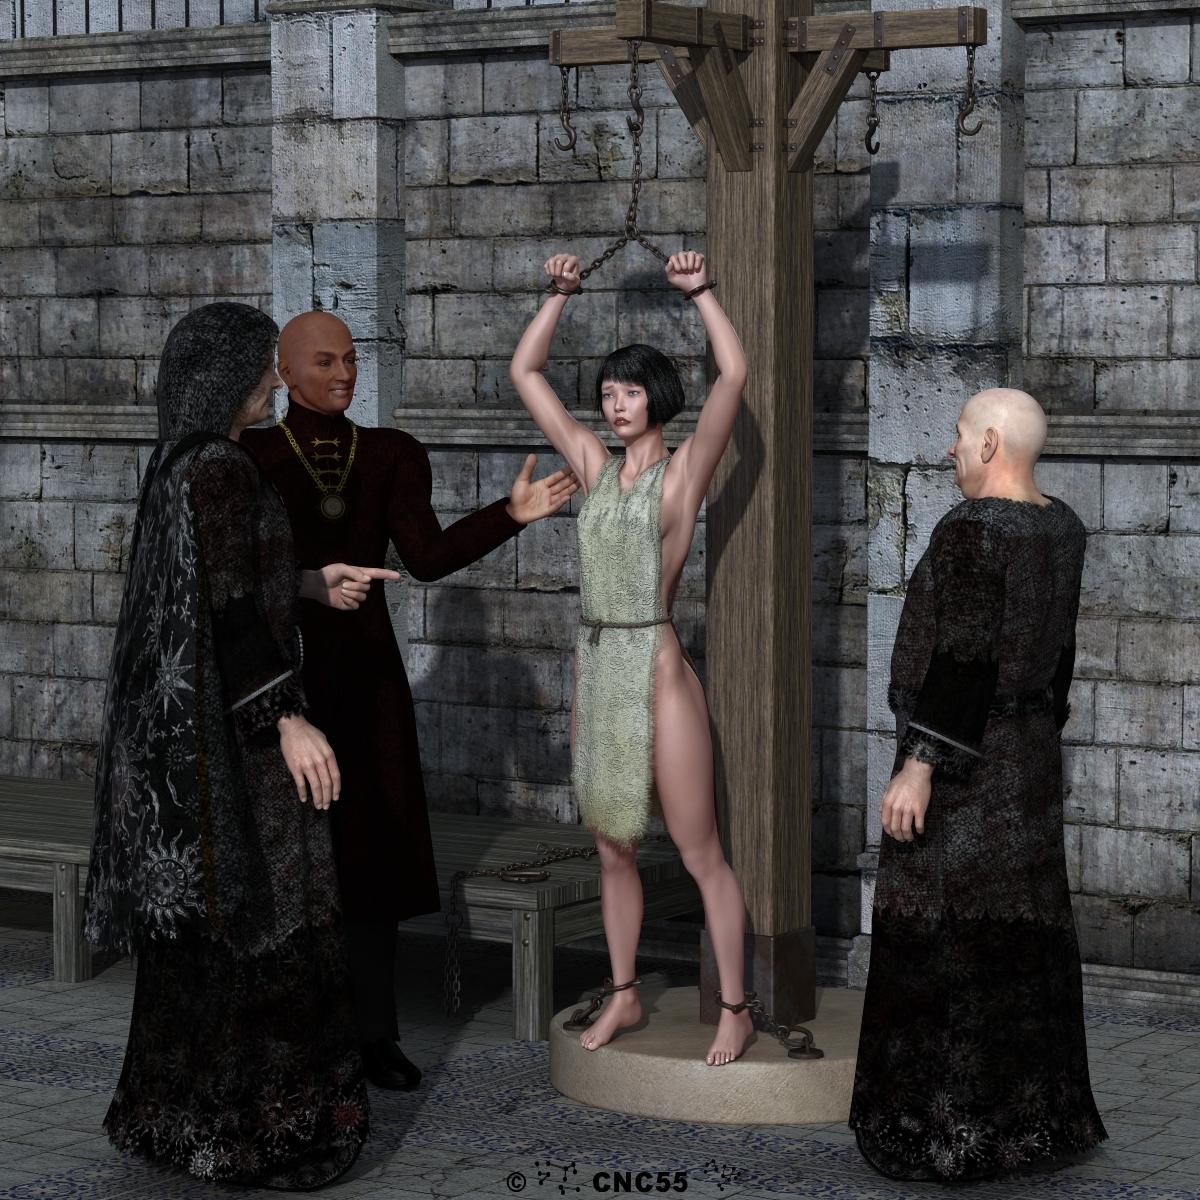 Elf slave market hentai clip